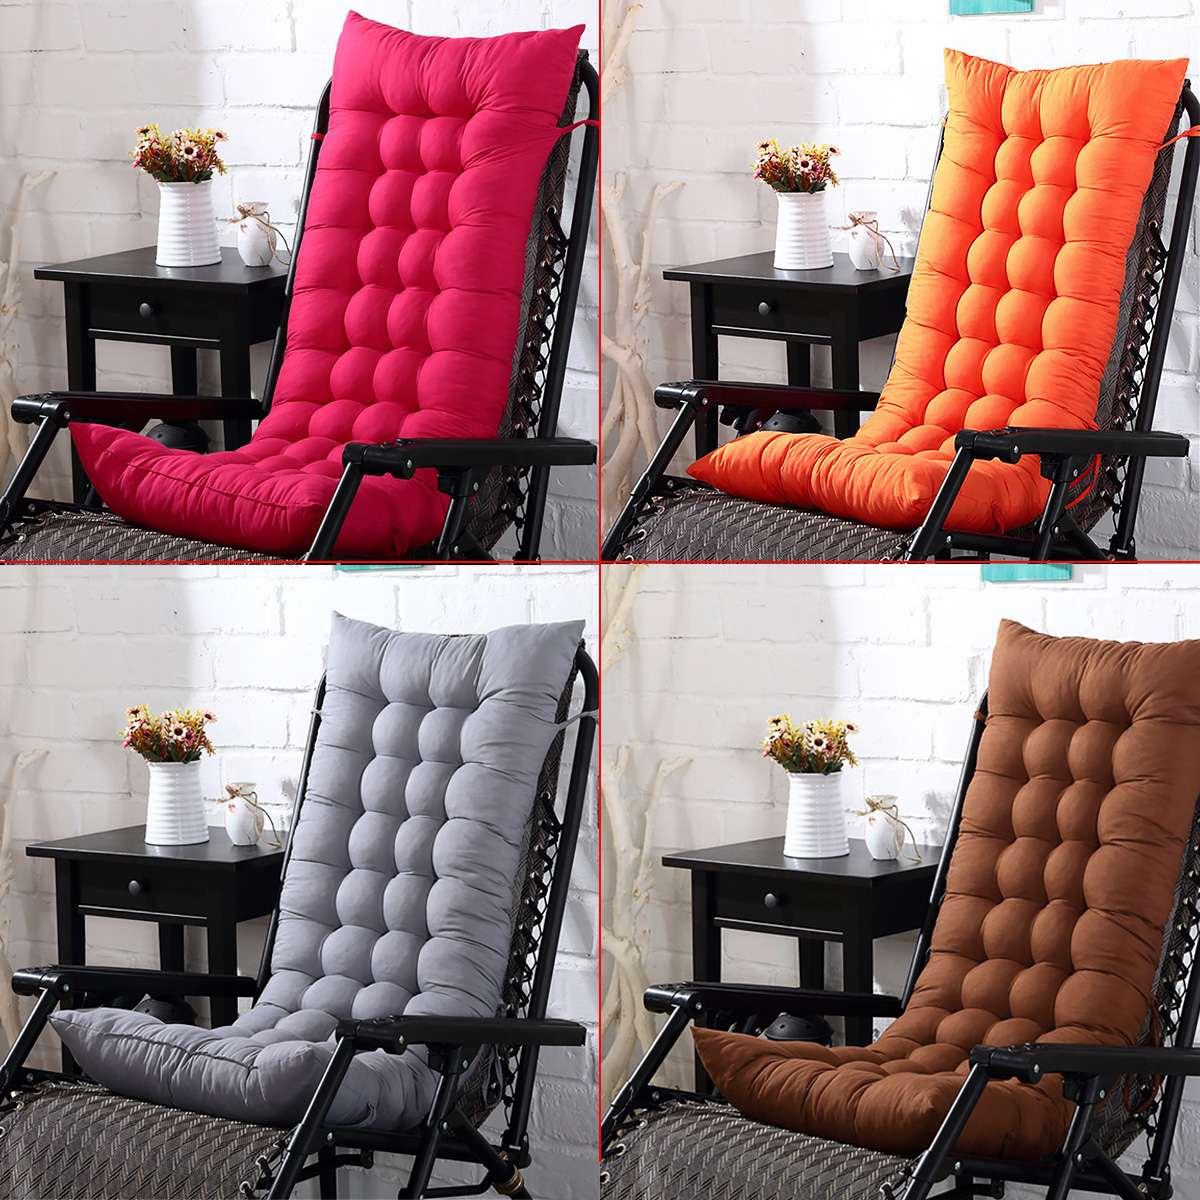 Подушки для кресла, подушка сиденья дивана, удобные мягкие подушки из полиэстера